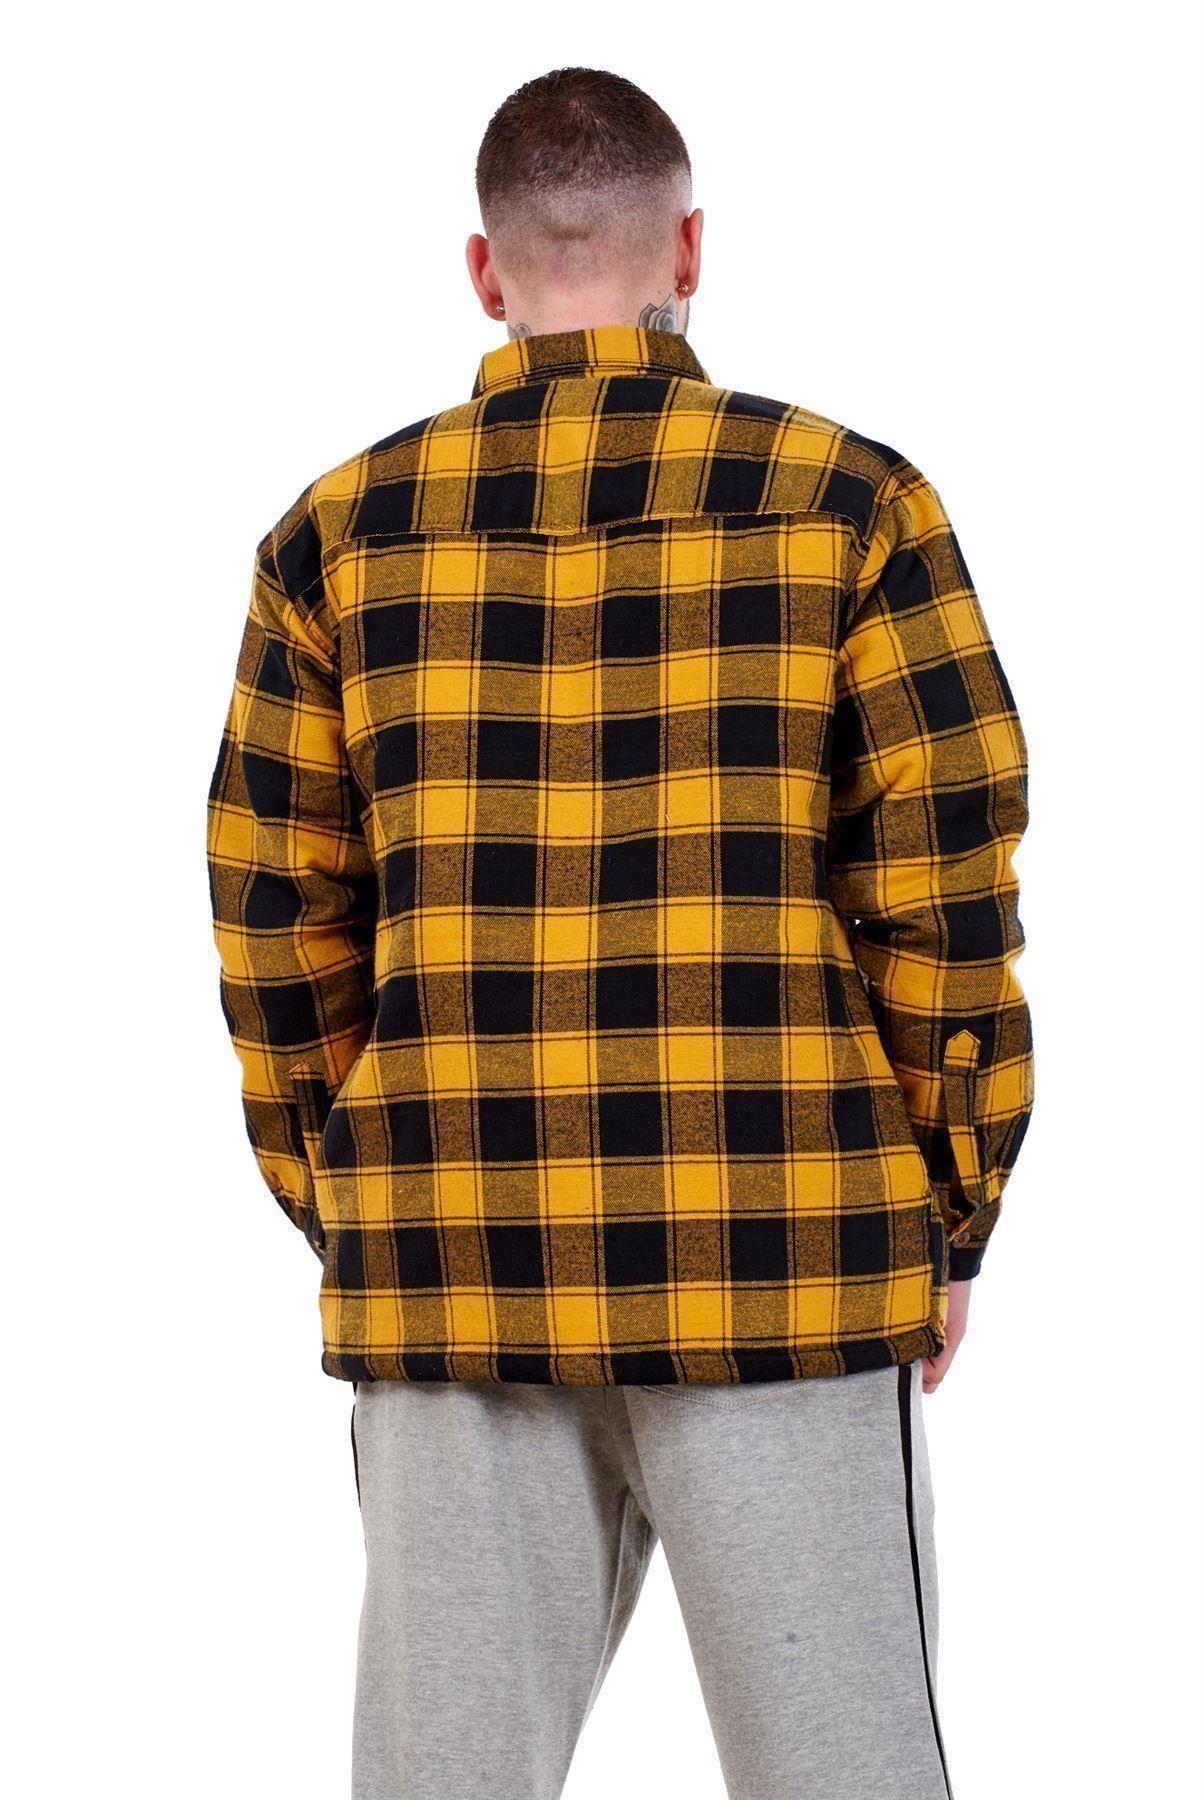 Flanella-Da-Uomo-Imbottito-Work-Shirt-Filato-Tinto-trapuntato-boscaiolo-Giacca-Regolare-amp-Big miniatura 9